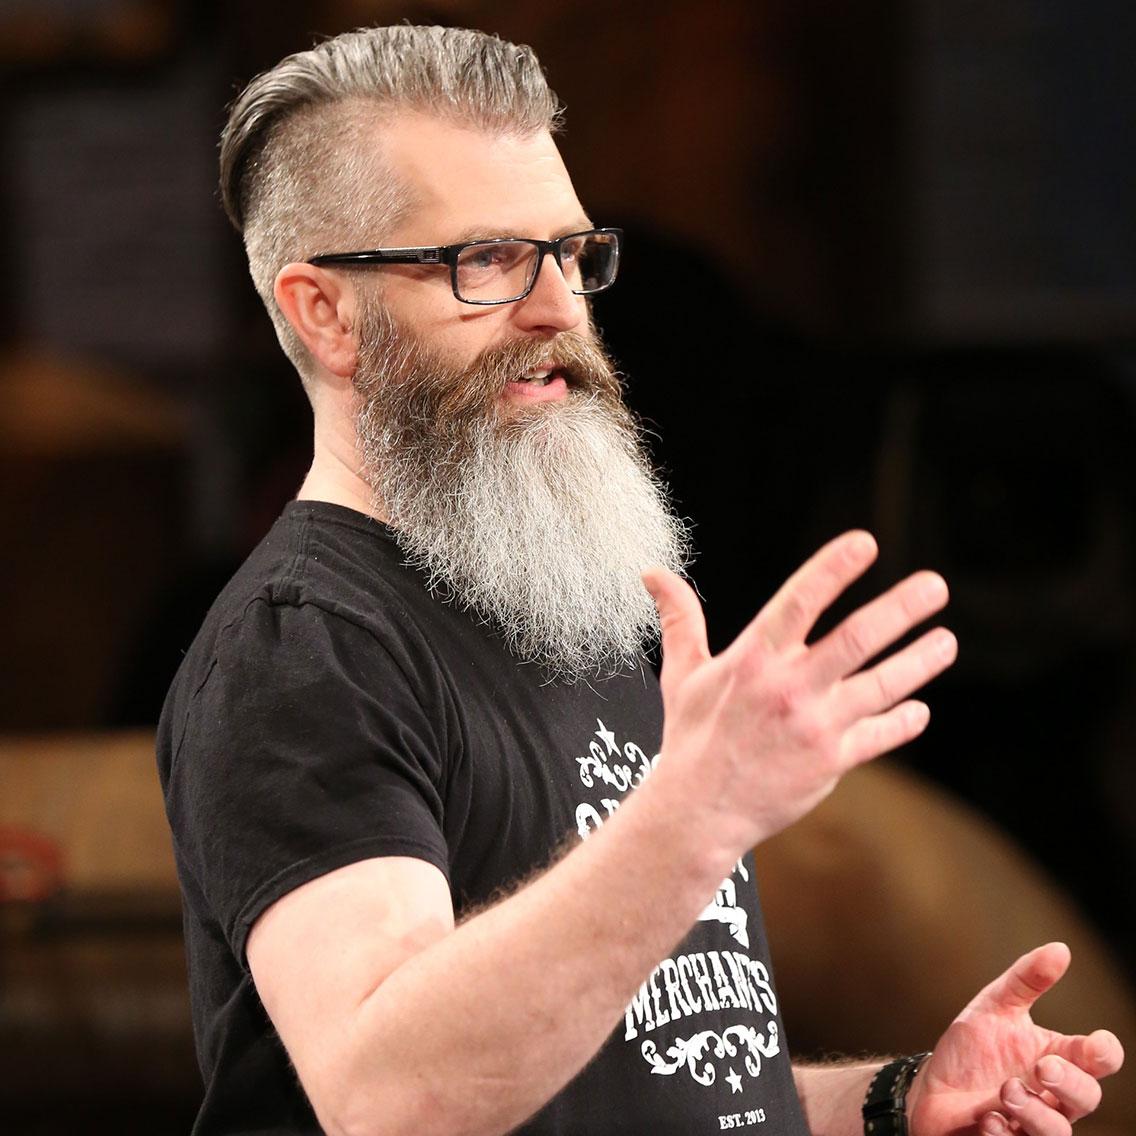 Matt White, fondateur de Sussex Beard Oil Merchants, présente ses produits durant l'émission télévisée Dragons' Den.